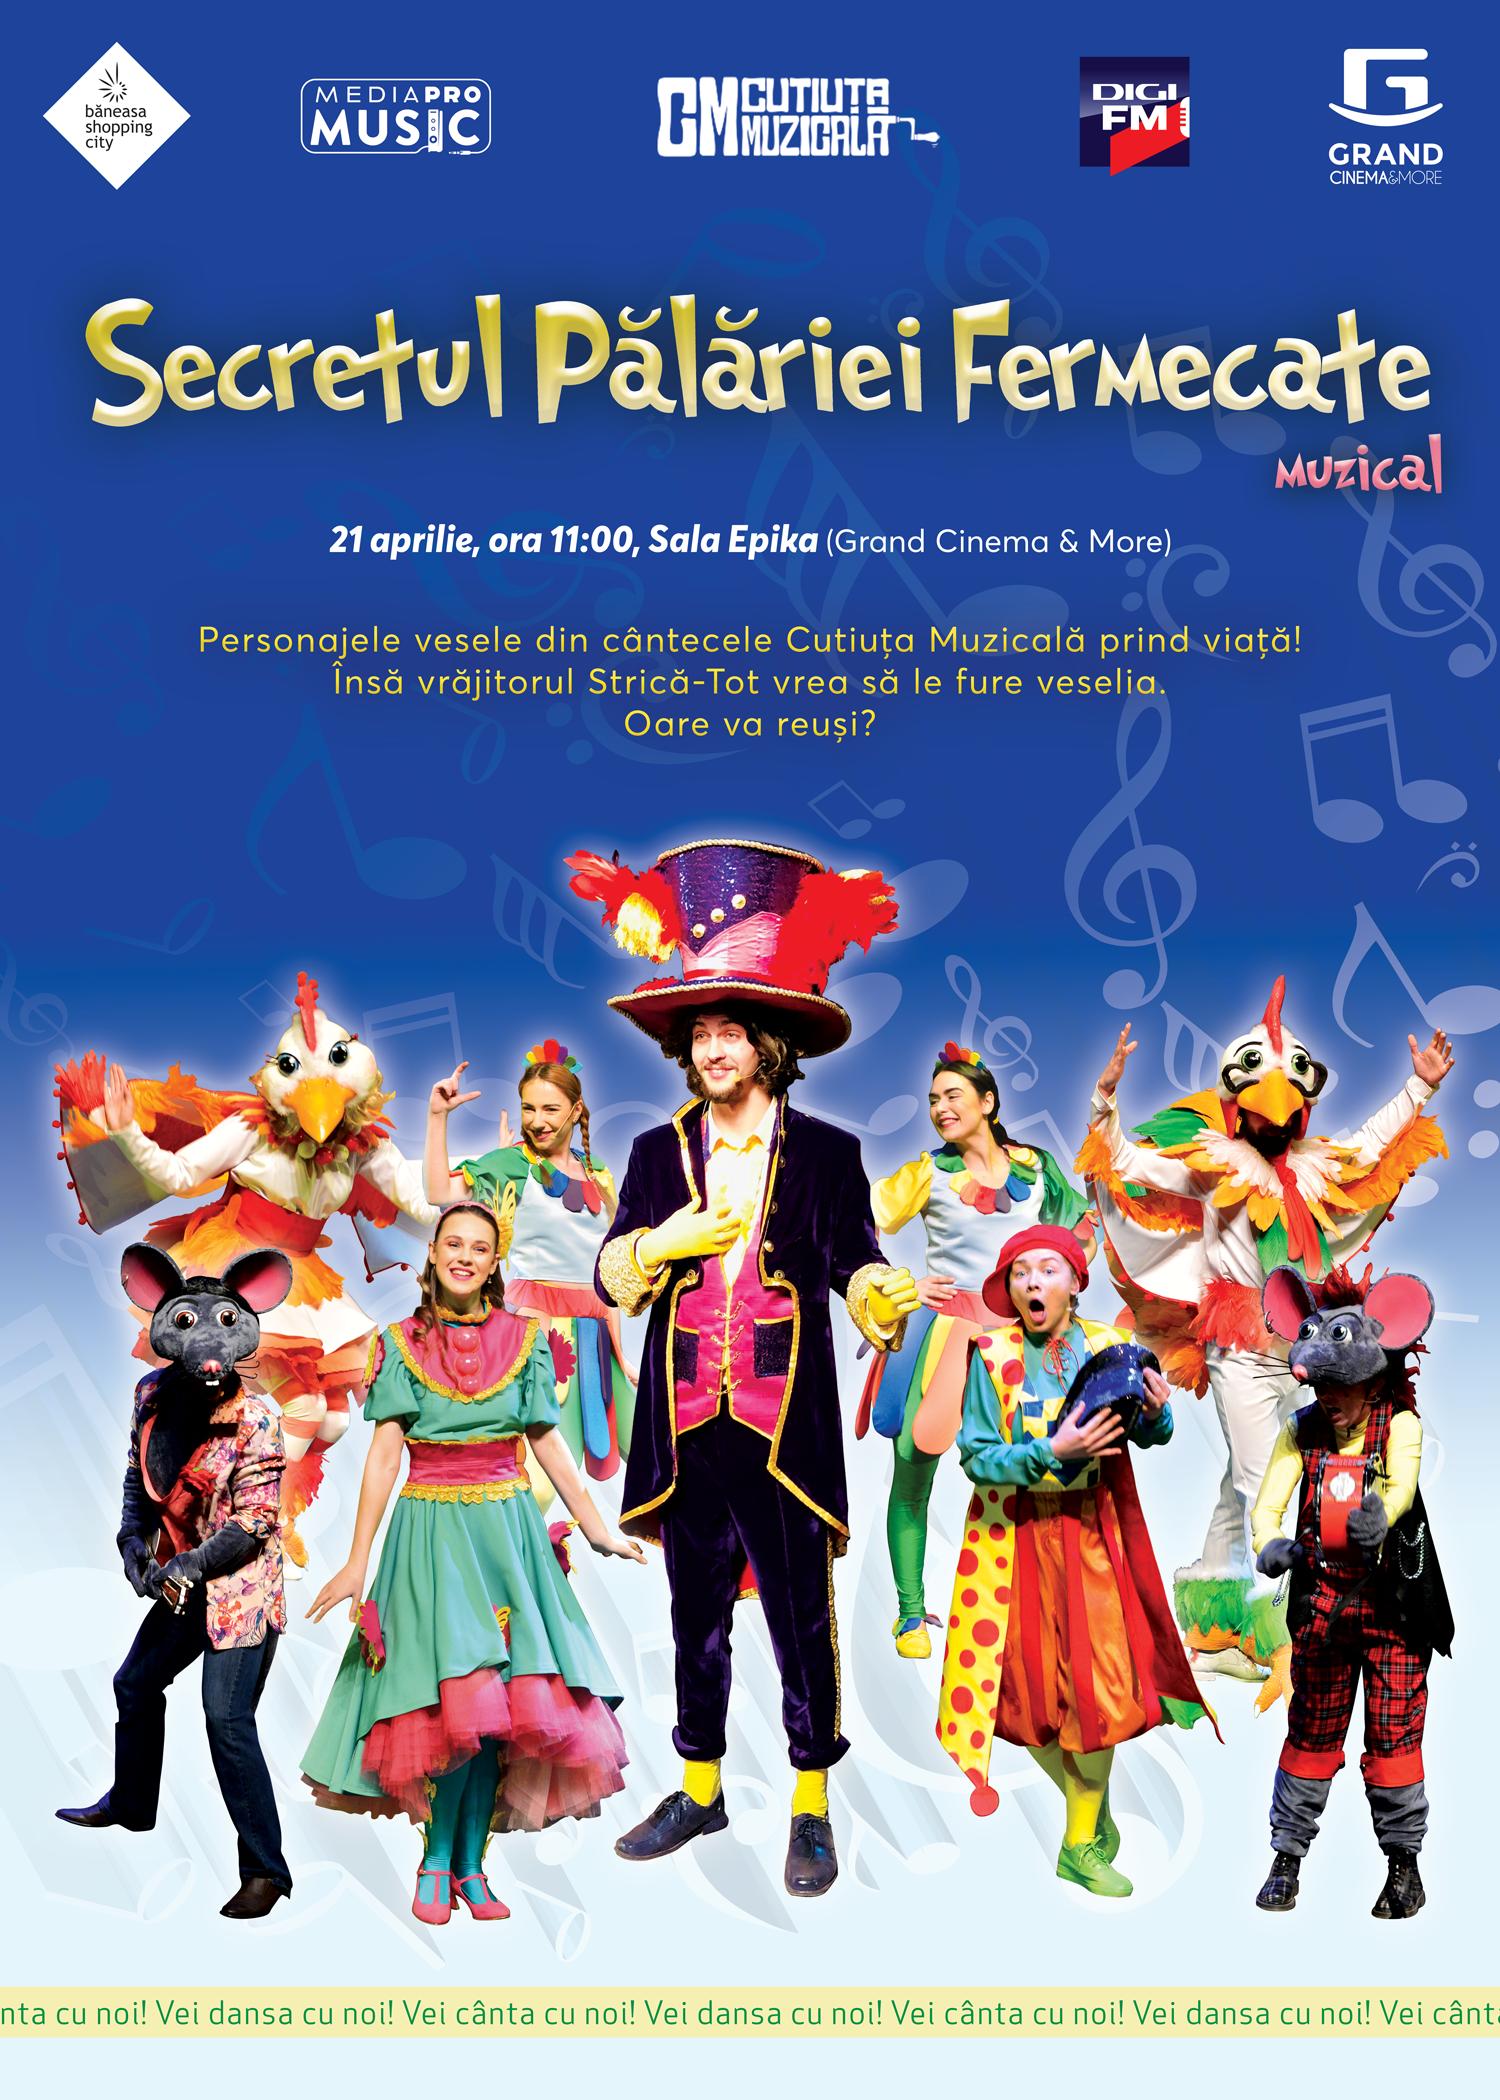 """{focus_keyword} Primăvara continuă cu o nouă reprezentaţie marca """"Secretul Pălăriei Fermecate"""" – un musical de excepţie pentru copii e6c9b6d0 84e7 4e60 9c28 a68b14291667 1"""